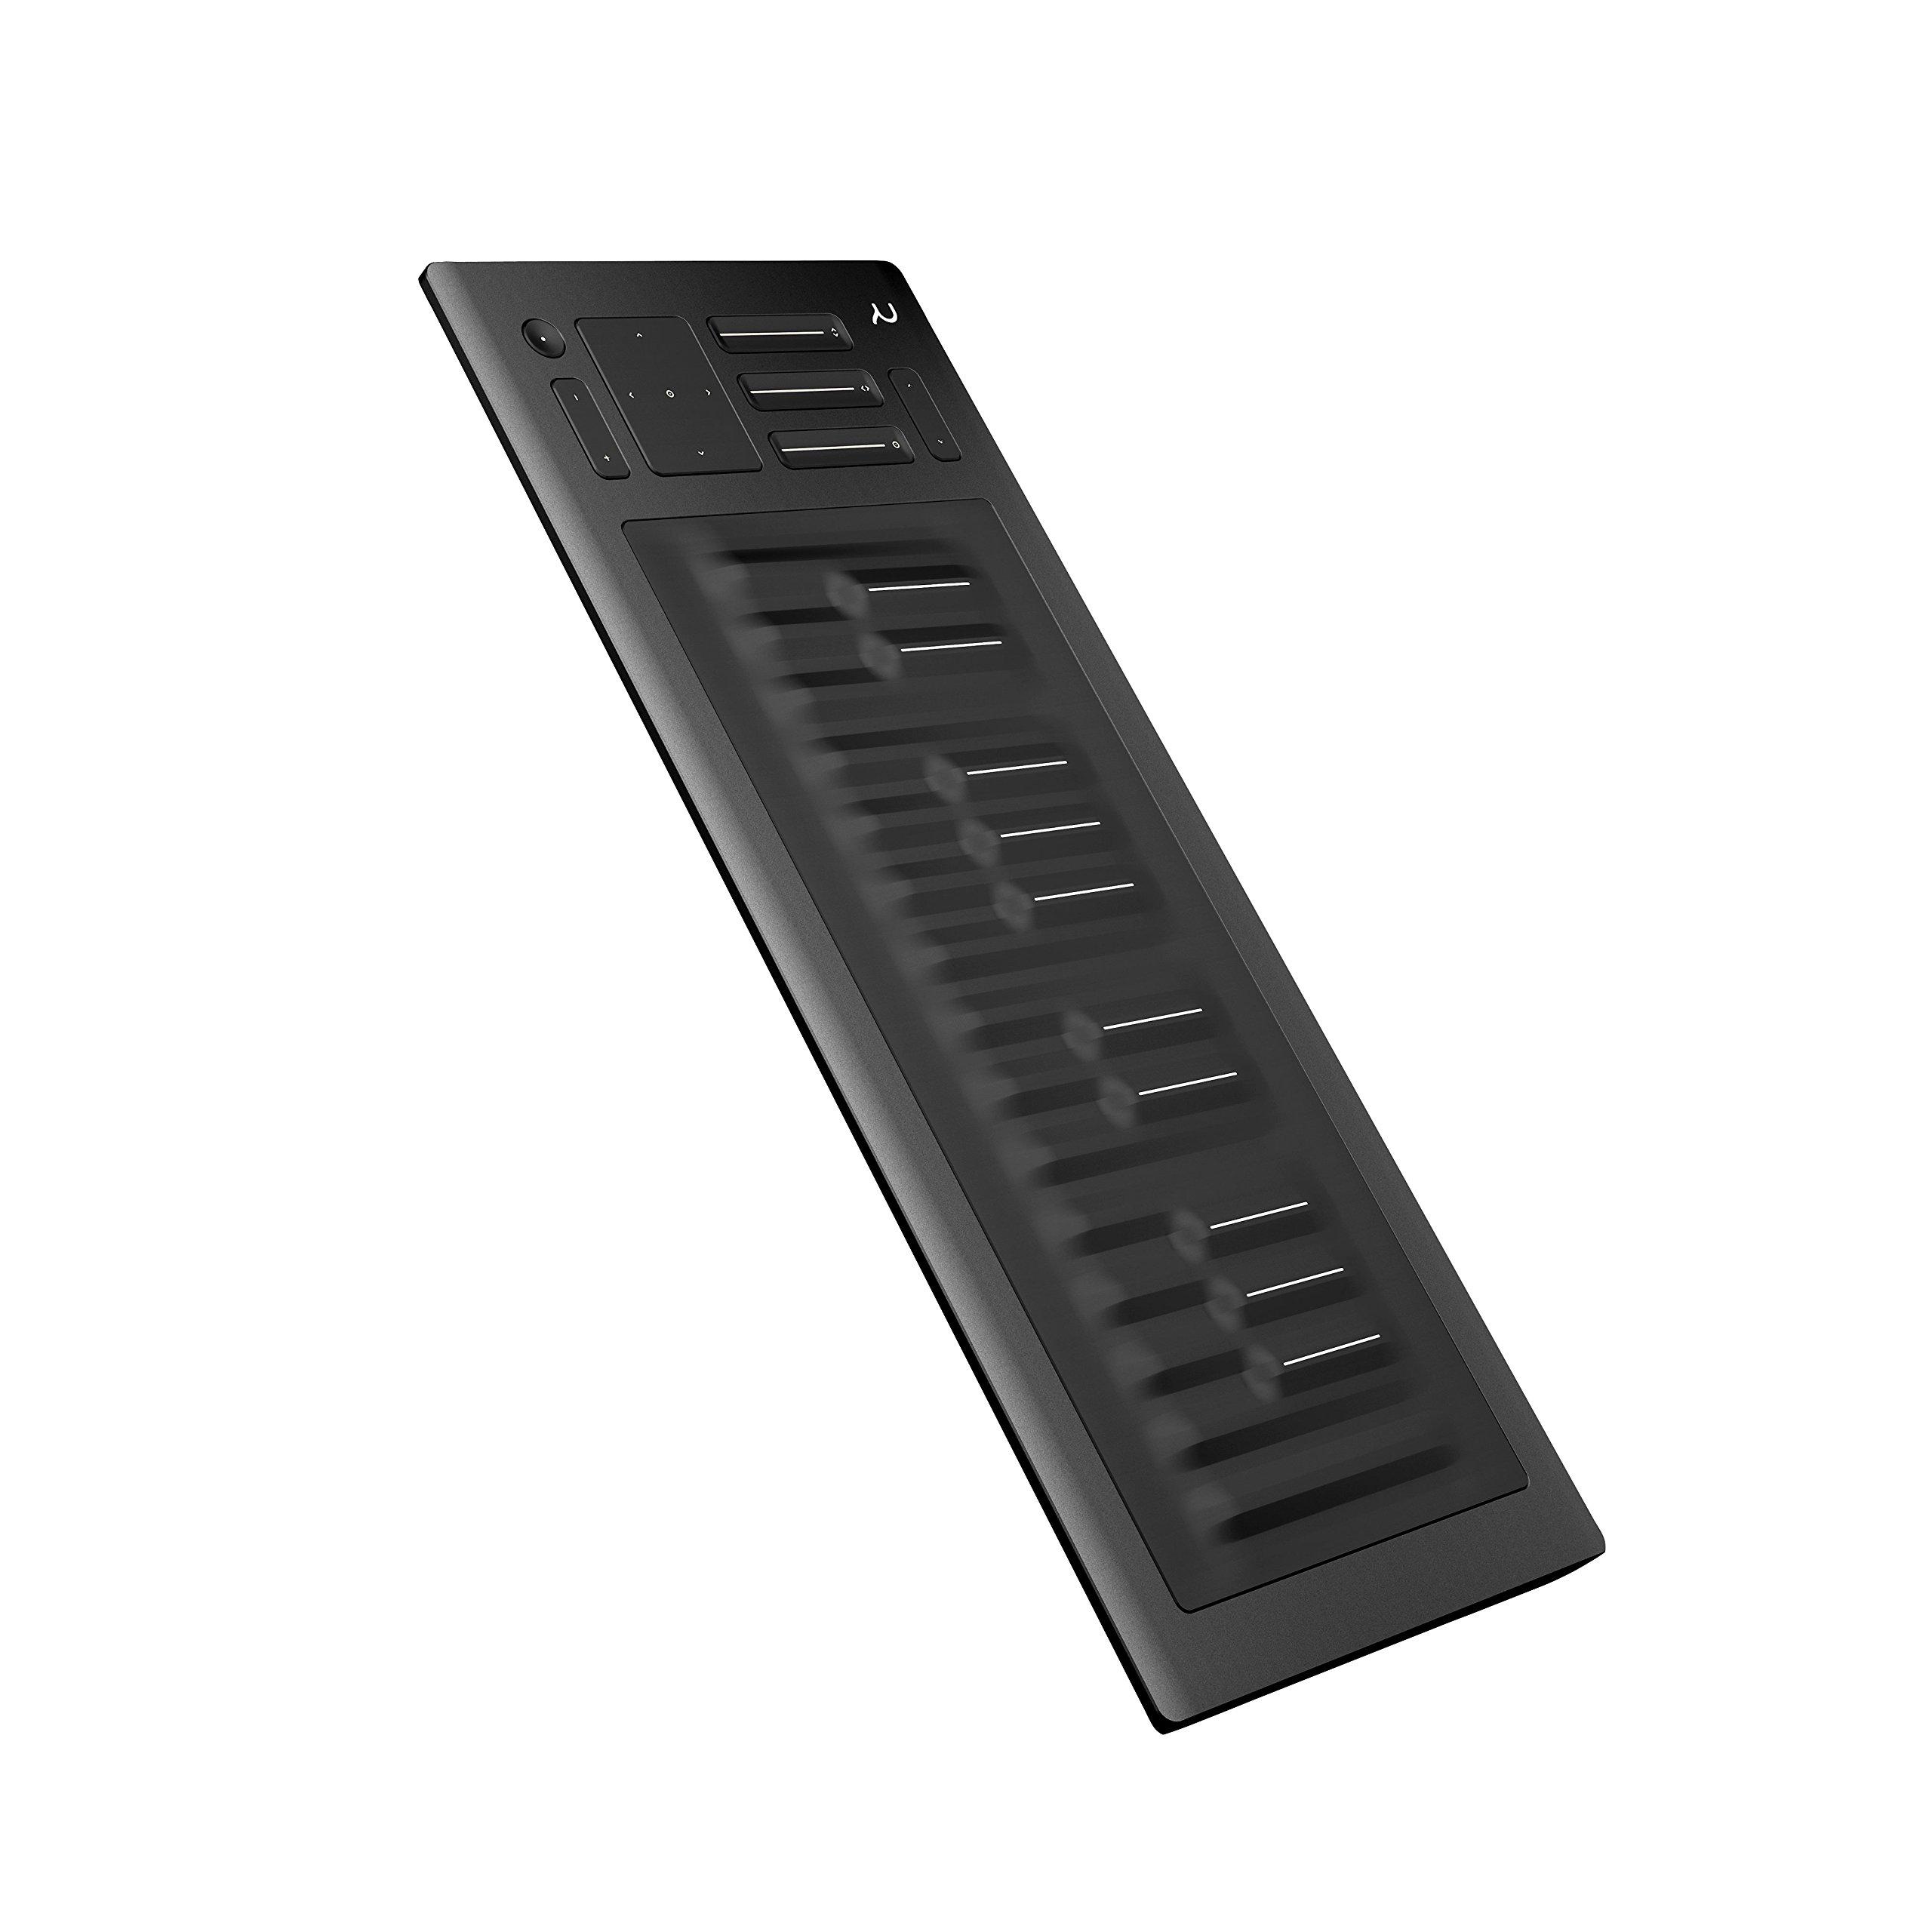 ROLI Seaboard Rise 25 25 Key Keyboard Controller by ROLI (Image #8)